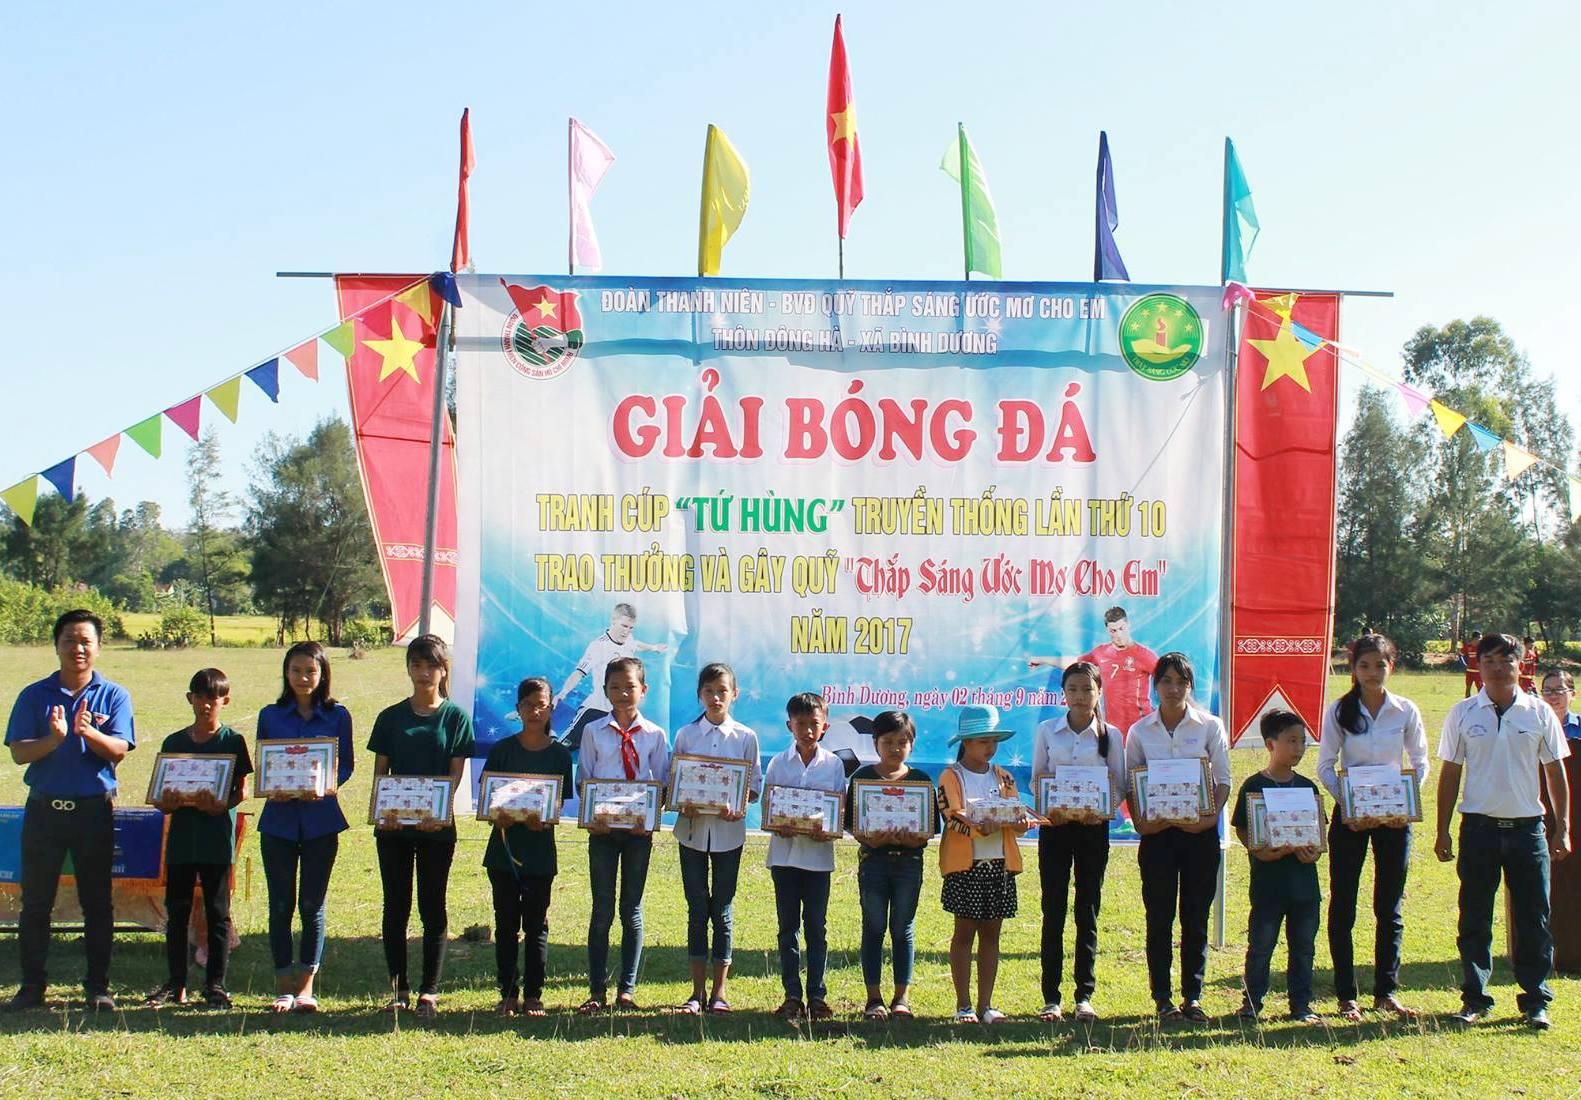 Đoàn thanh niên và Ban vận động Quỹ Thắp sáng ước mơ cho em thôn Đông Hà trao thưởng cho các em học sinh khó khăn.